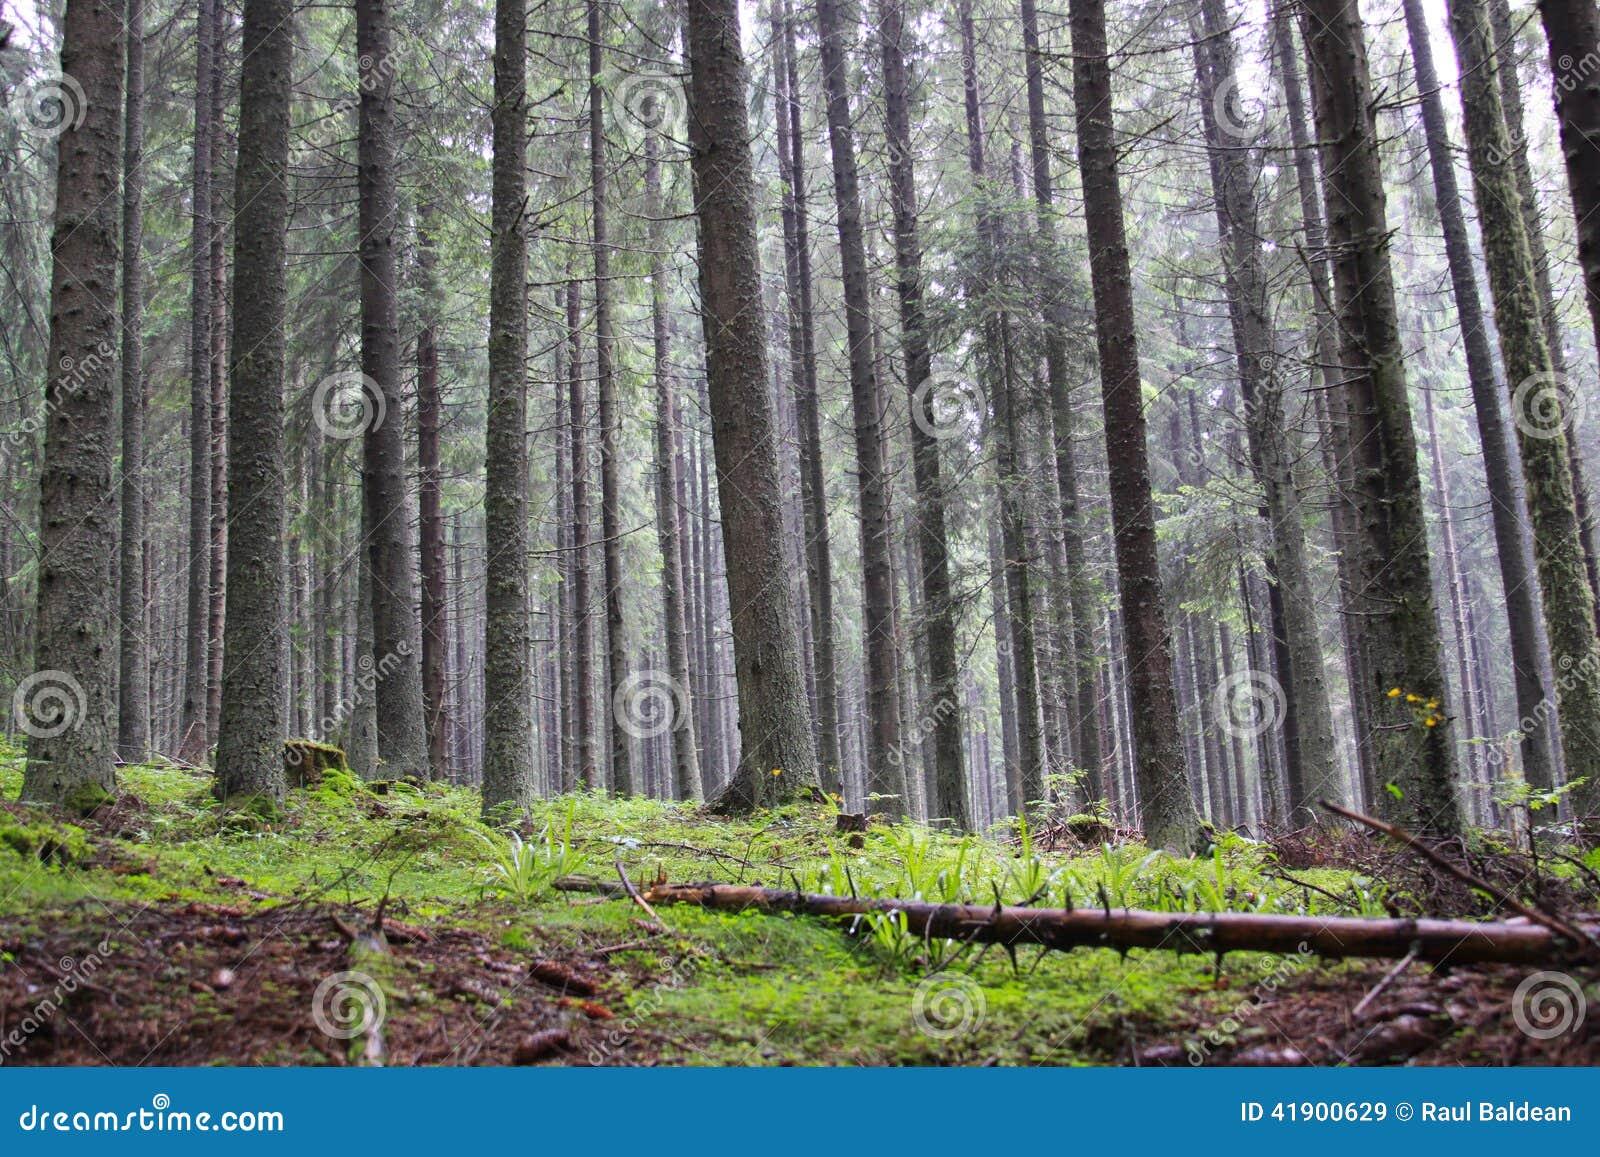 Conifer forrest